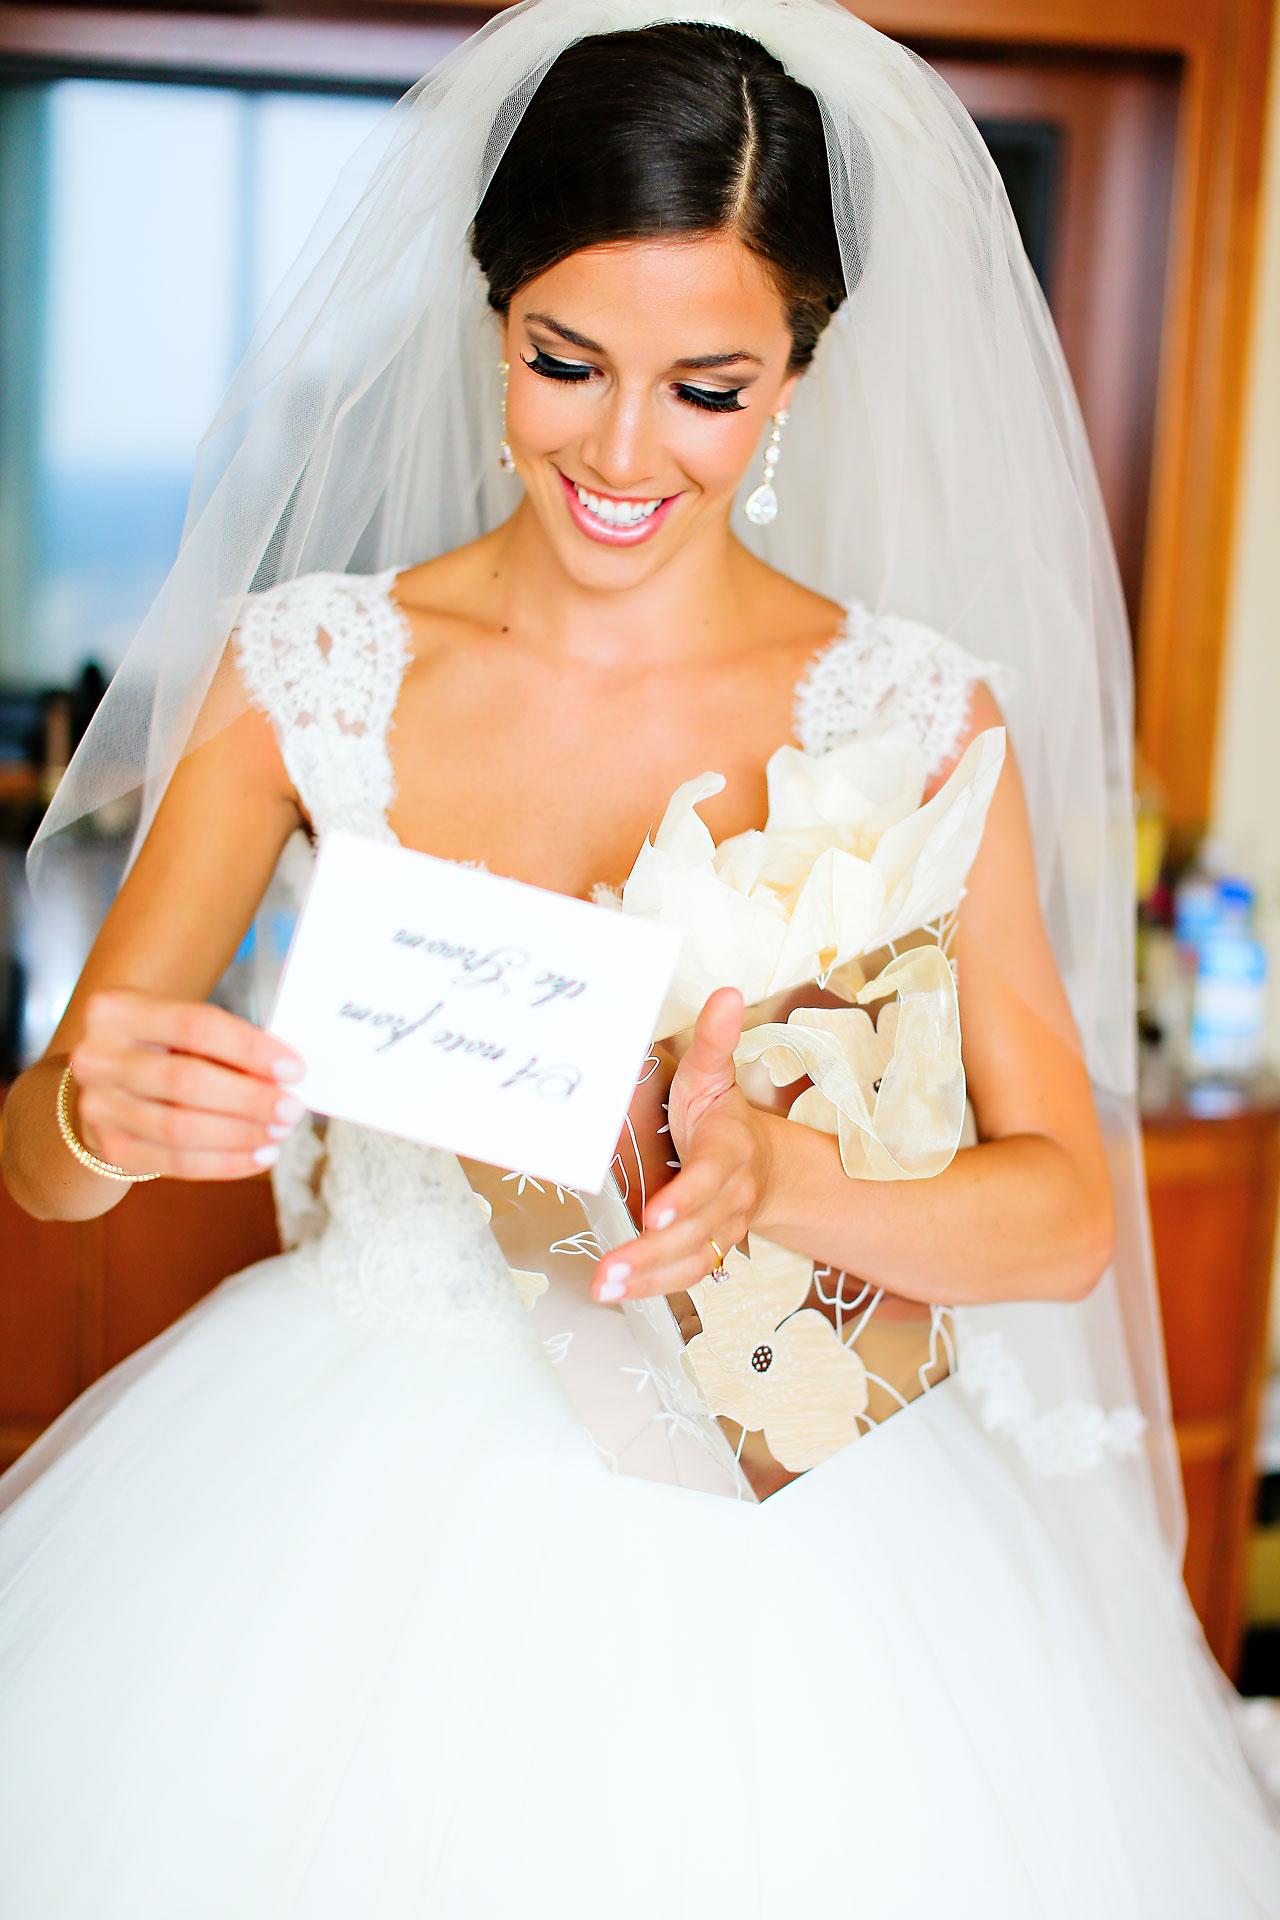 allie craig scottish rite wedding 028